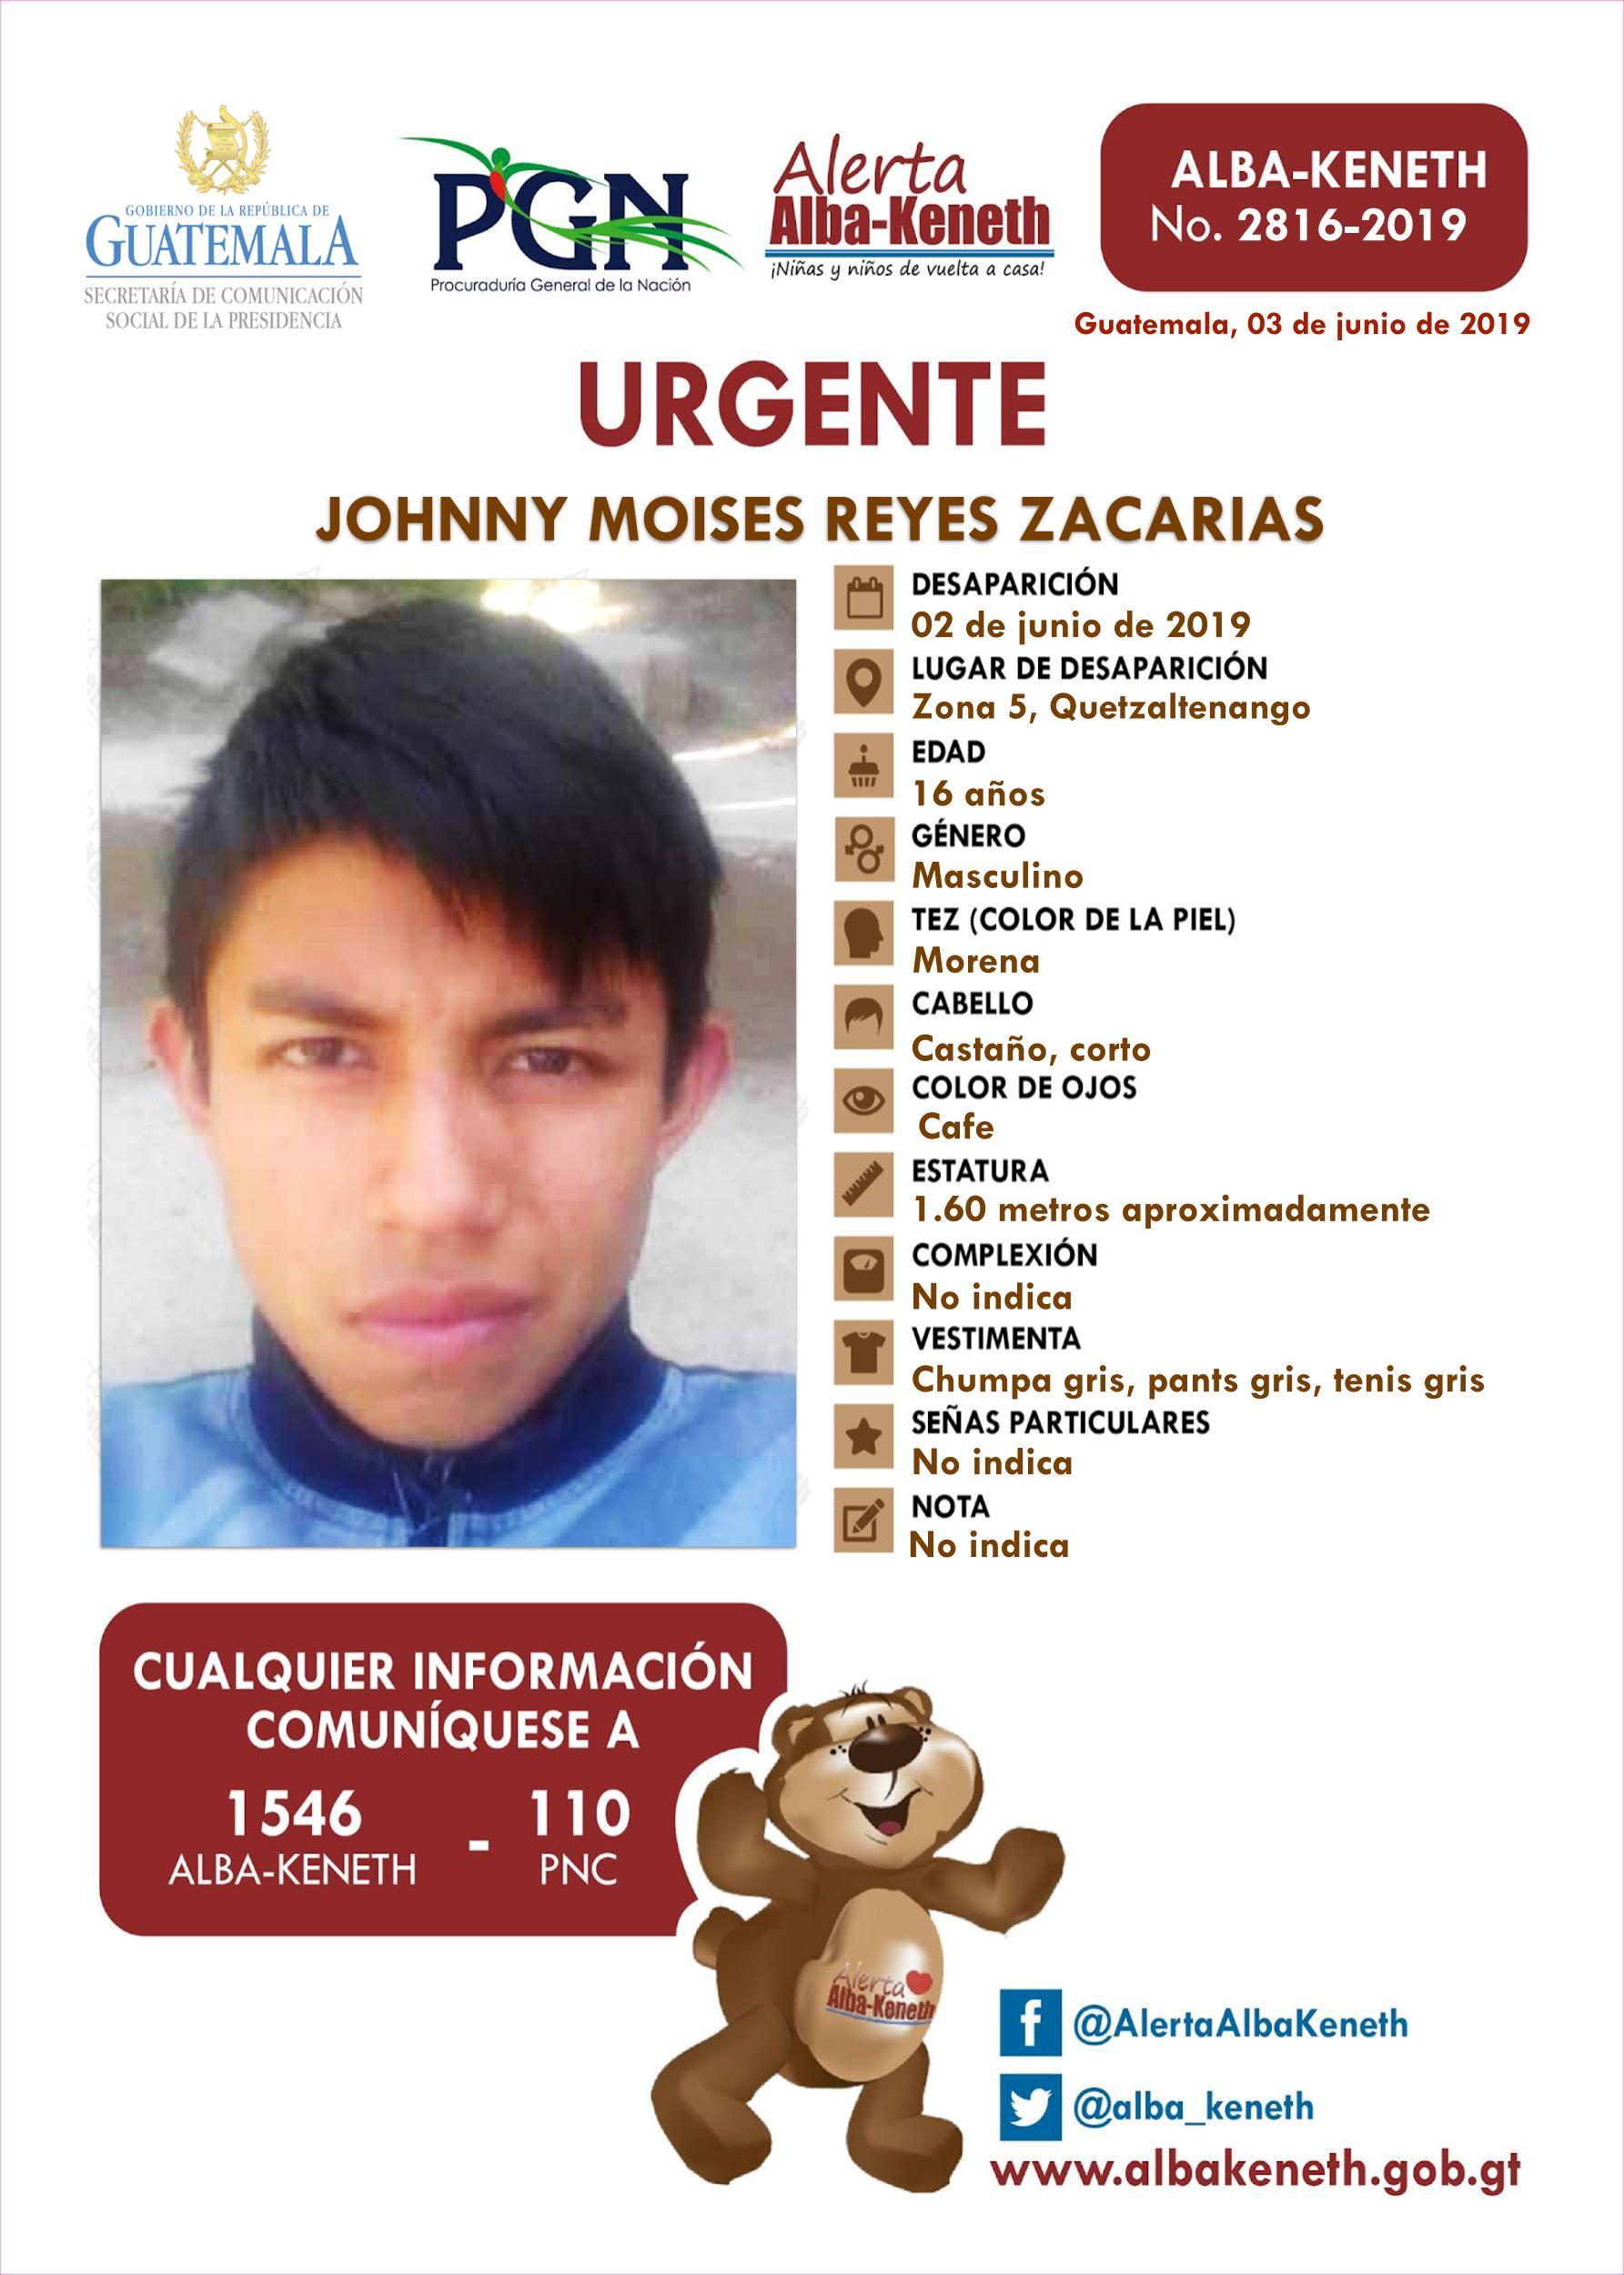 Johnny Moises Reyes Zacarias